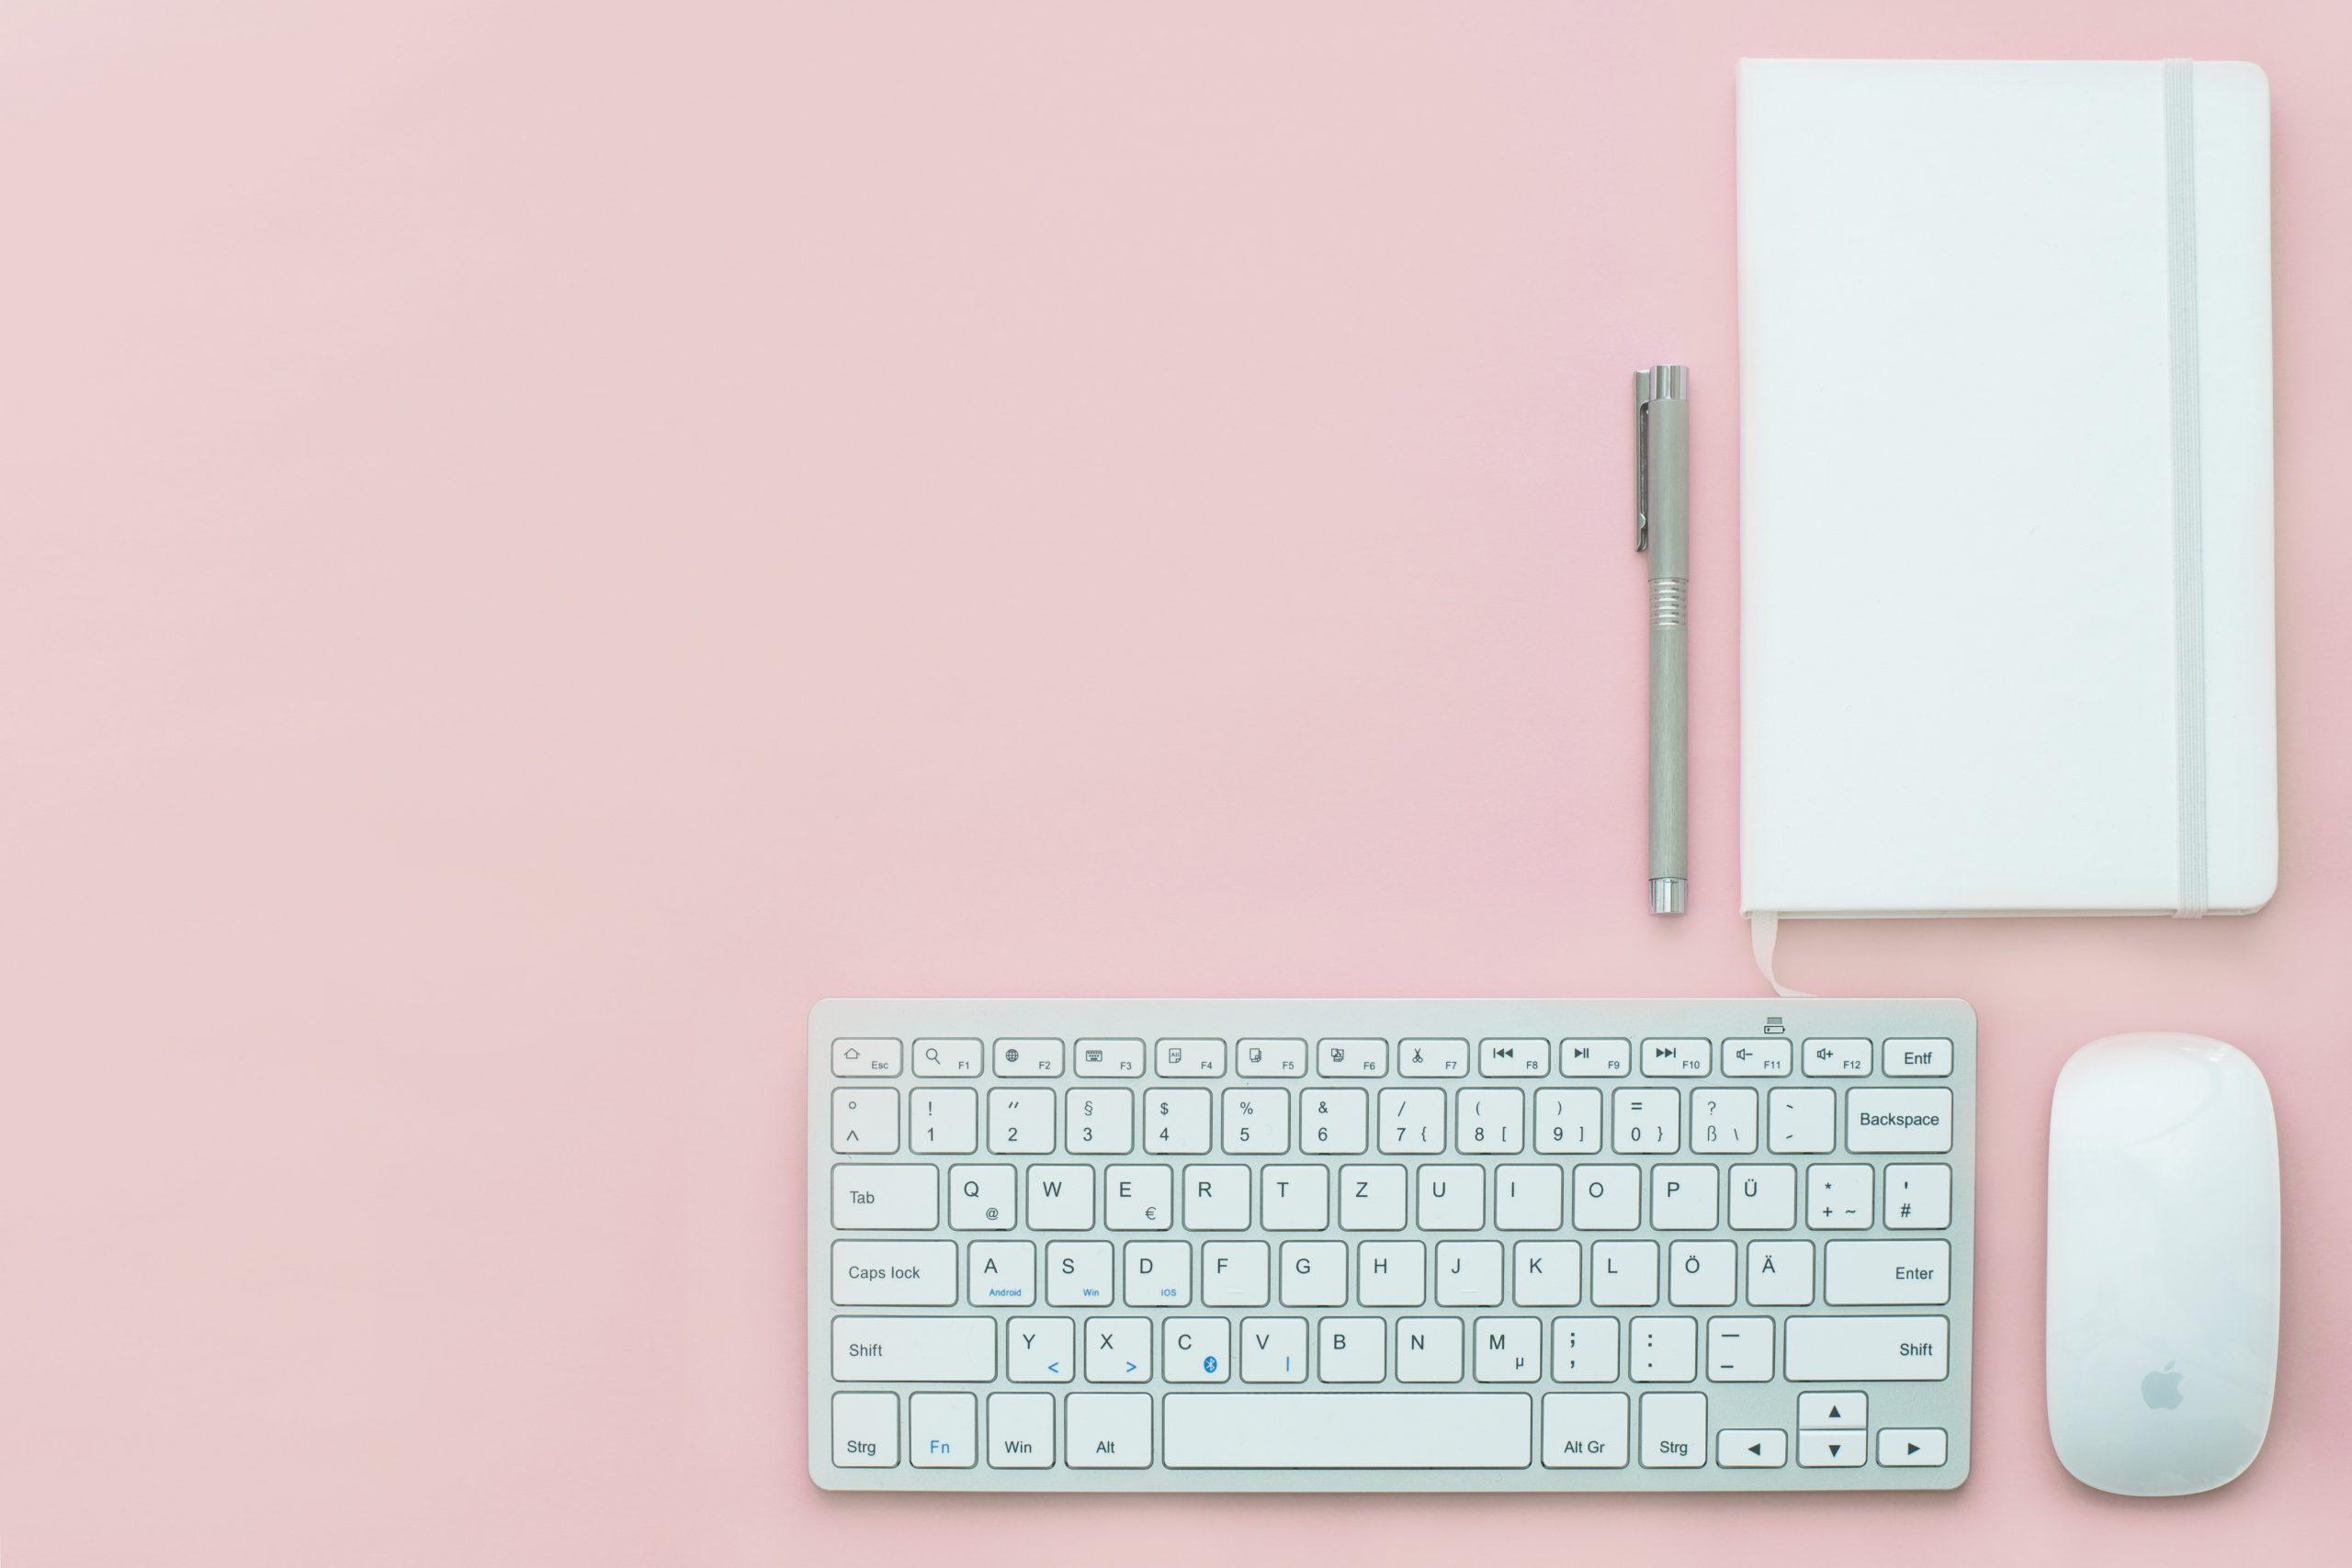 Imagem mostra um teclado e um mouse da Apple junto a uma caderneta.